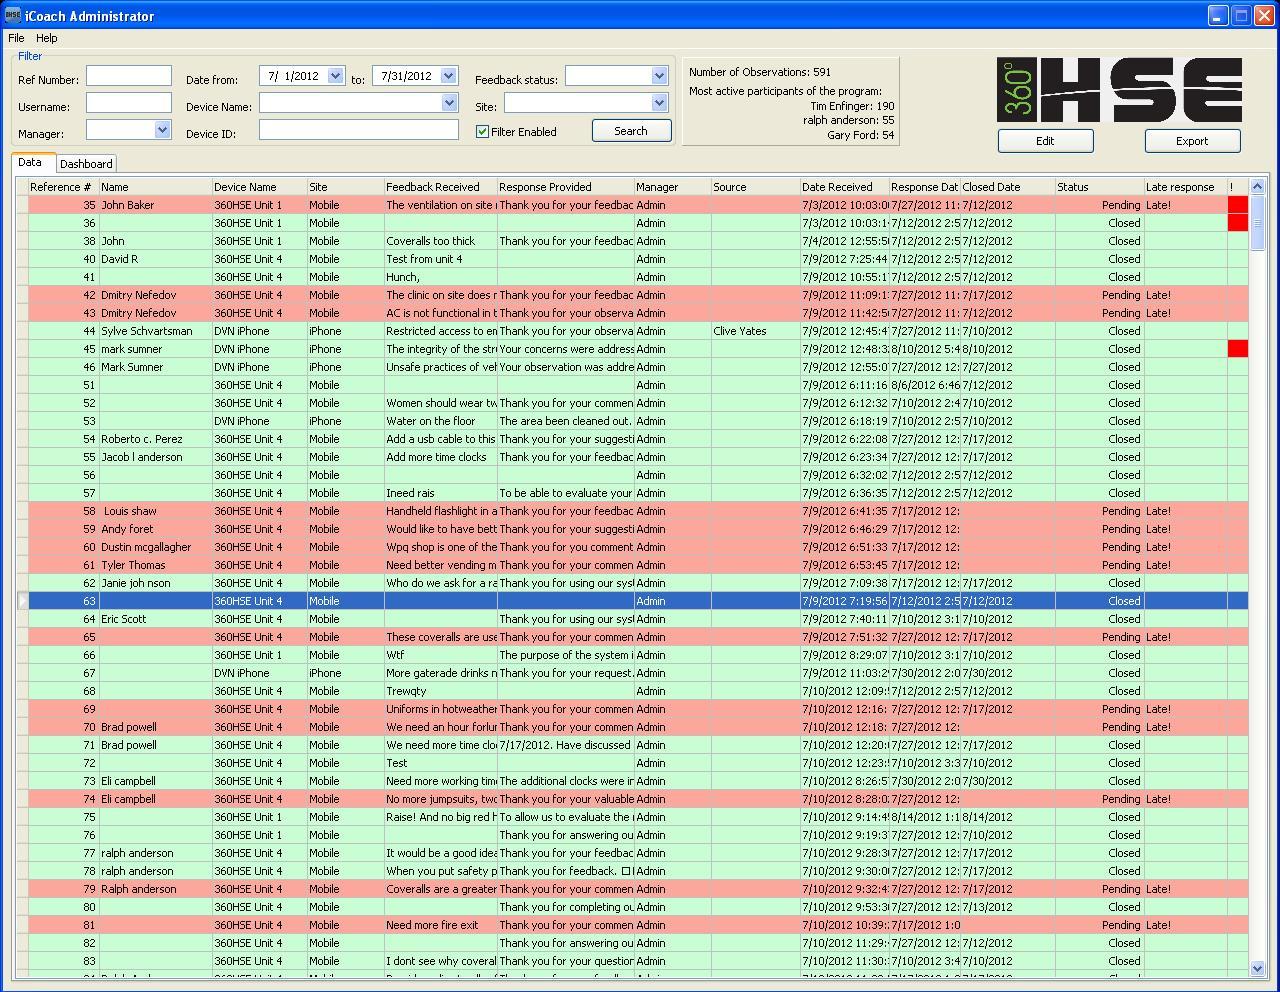 Централизованный сбор и маркетинговый анализ данных с удаленных терминалов